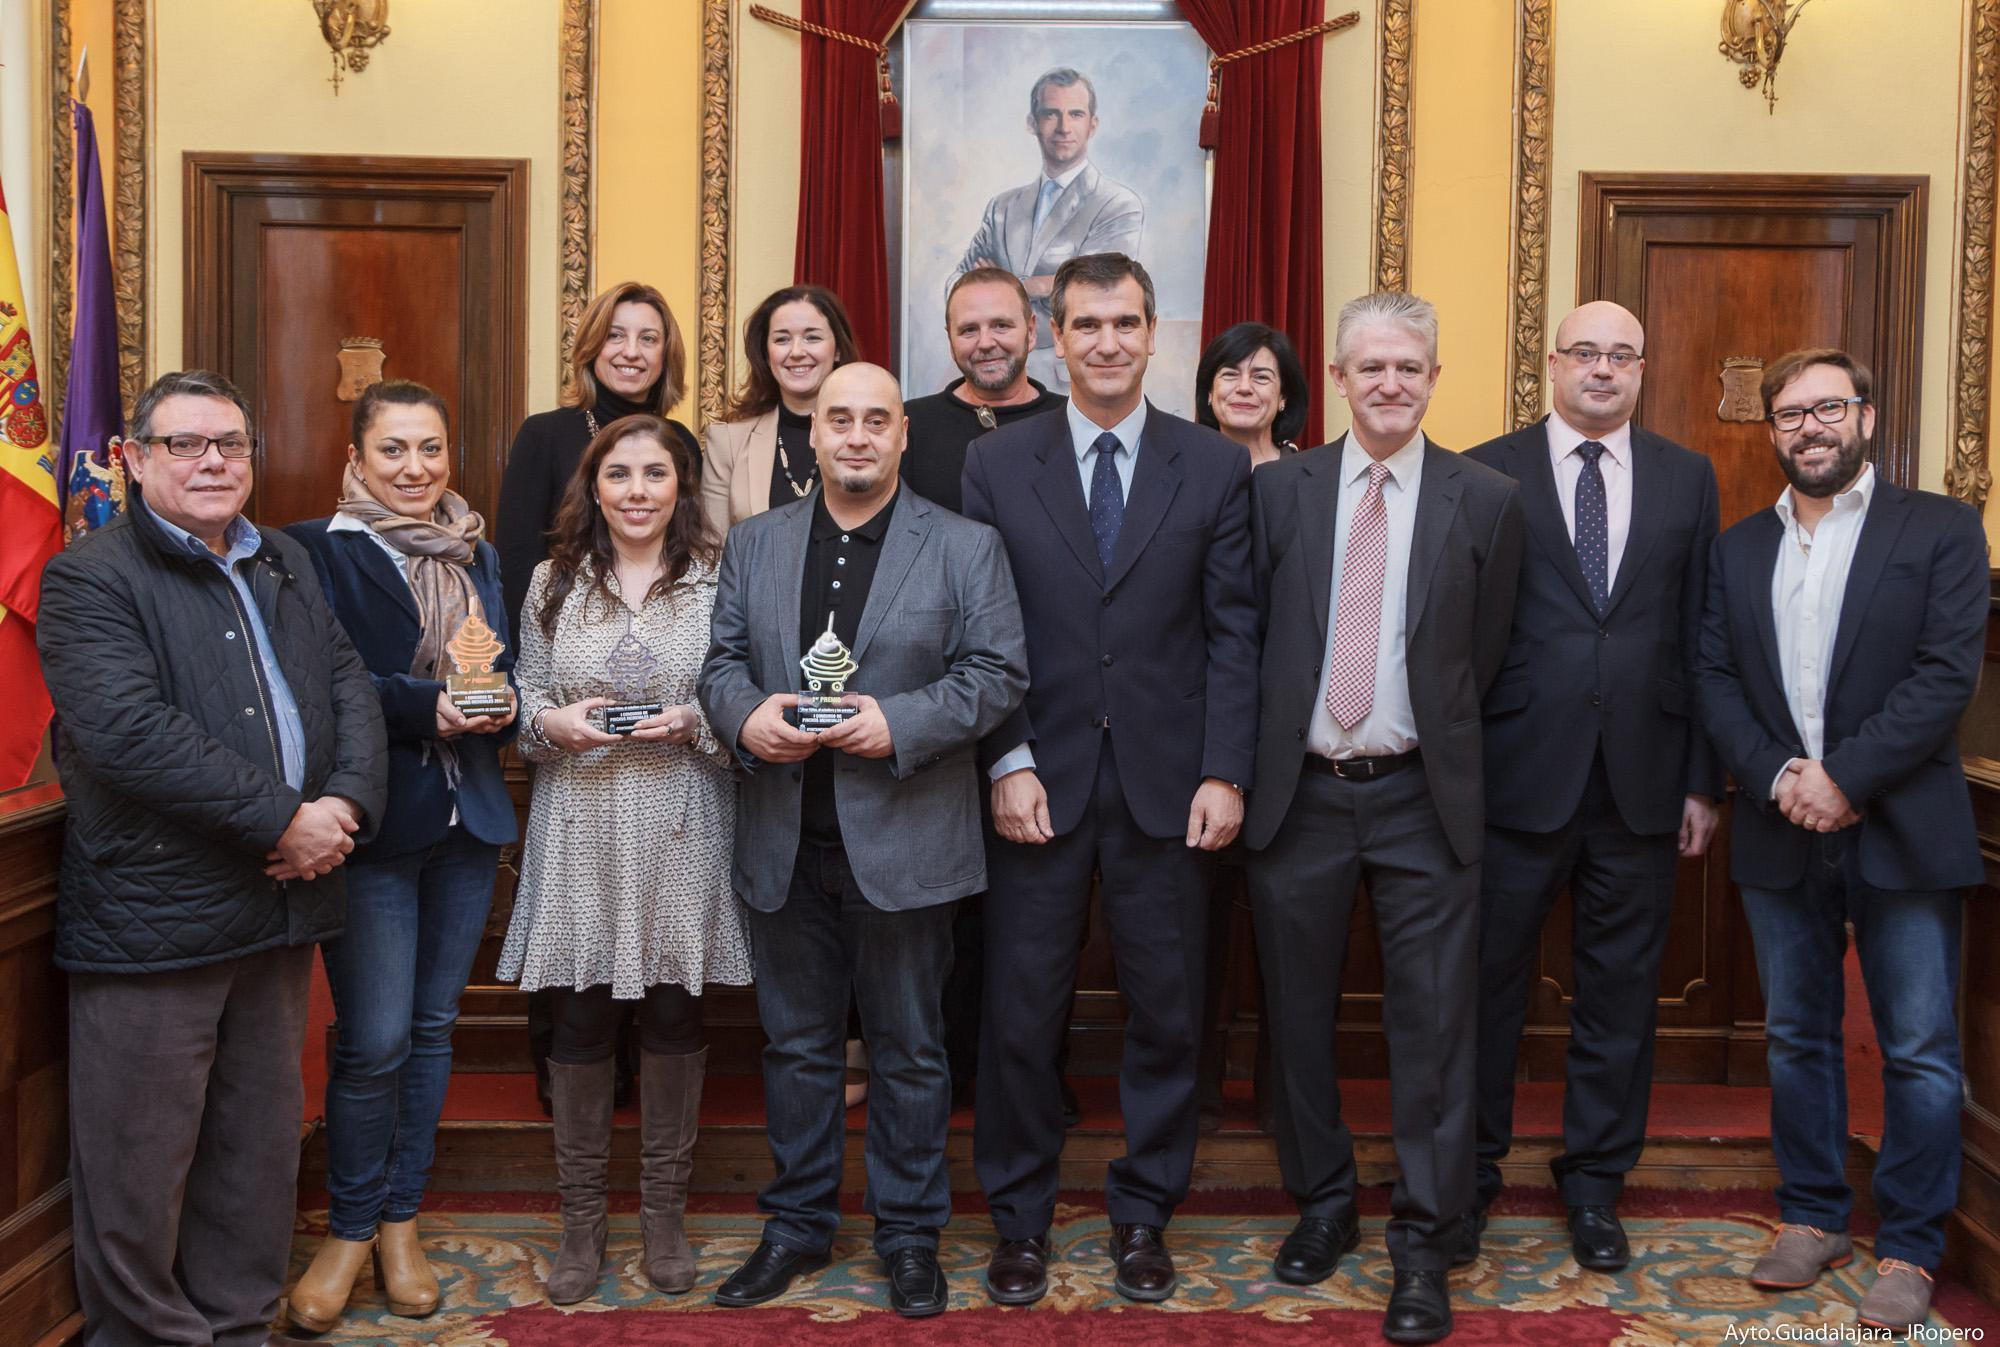 """Entregados los premios del I Concurso de Pinchos Medievales """"Alvar Fáñez, el caballero y las estrellas"""""""